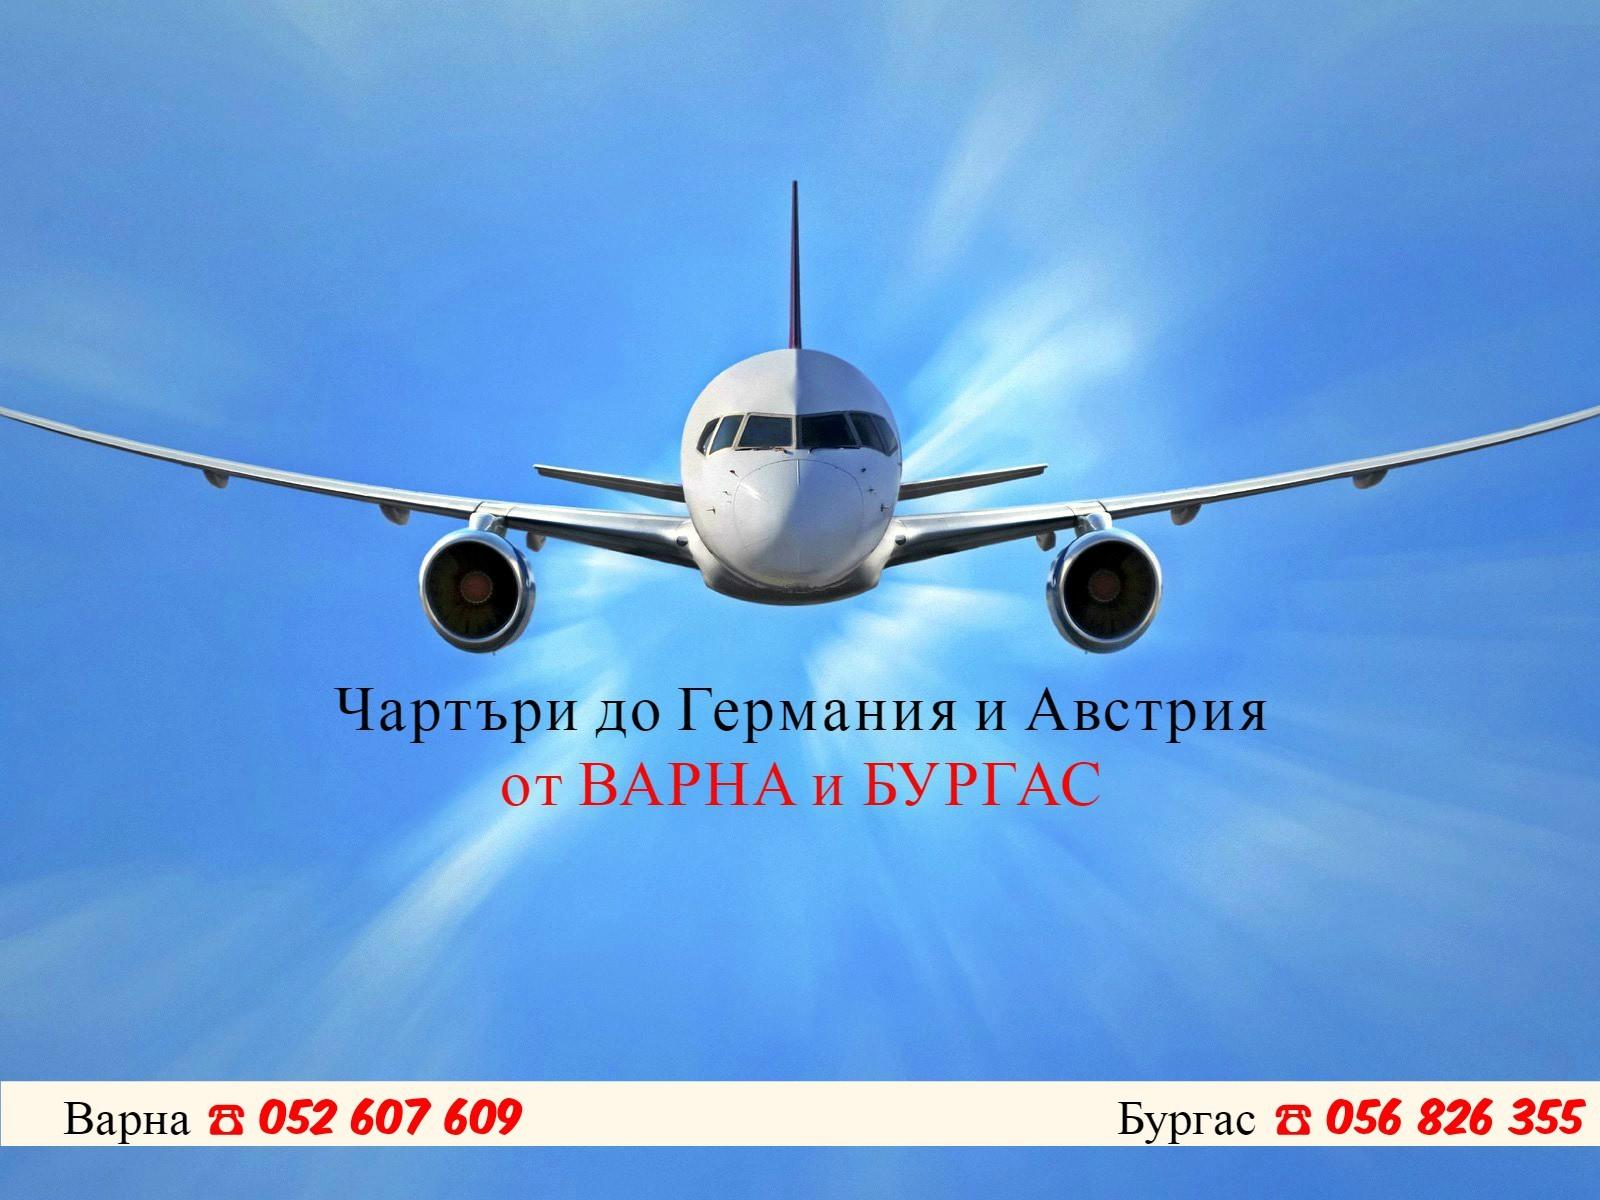 Самолетни билети за чартърни полети от Варна и Бургас до Германия, Австрия, Швейцария